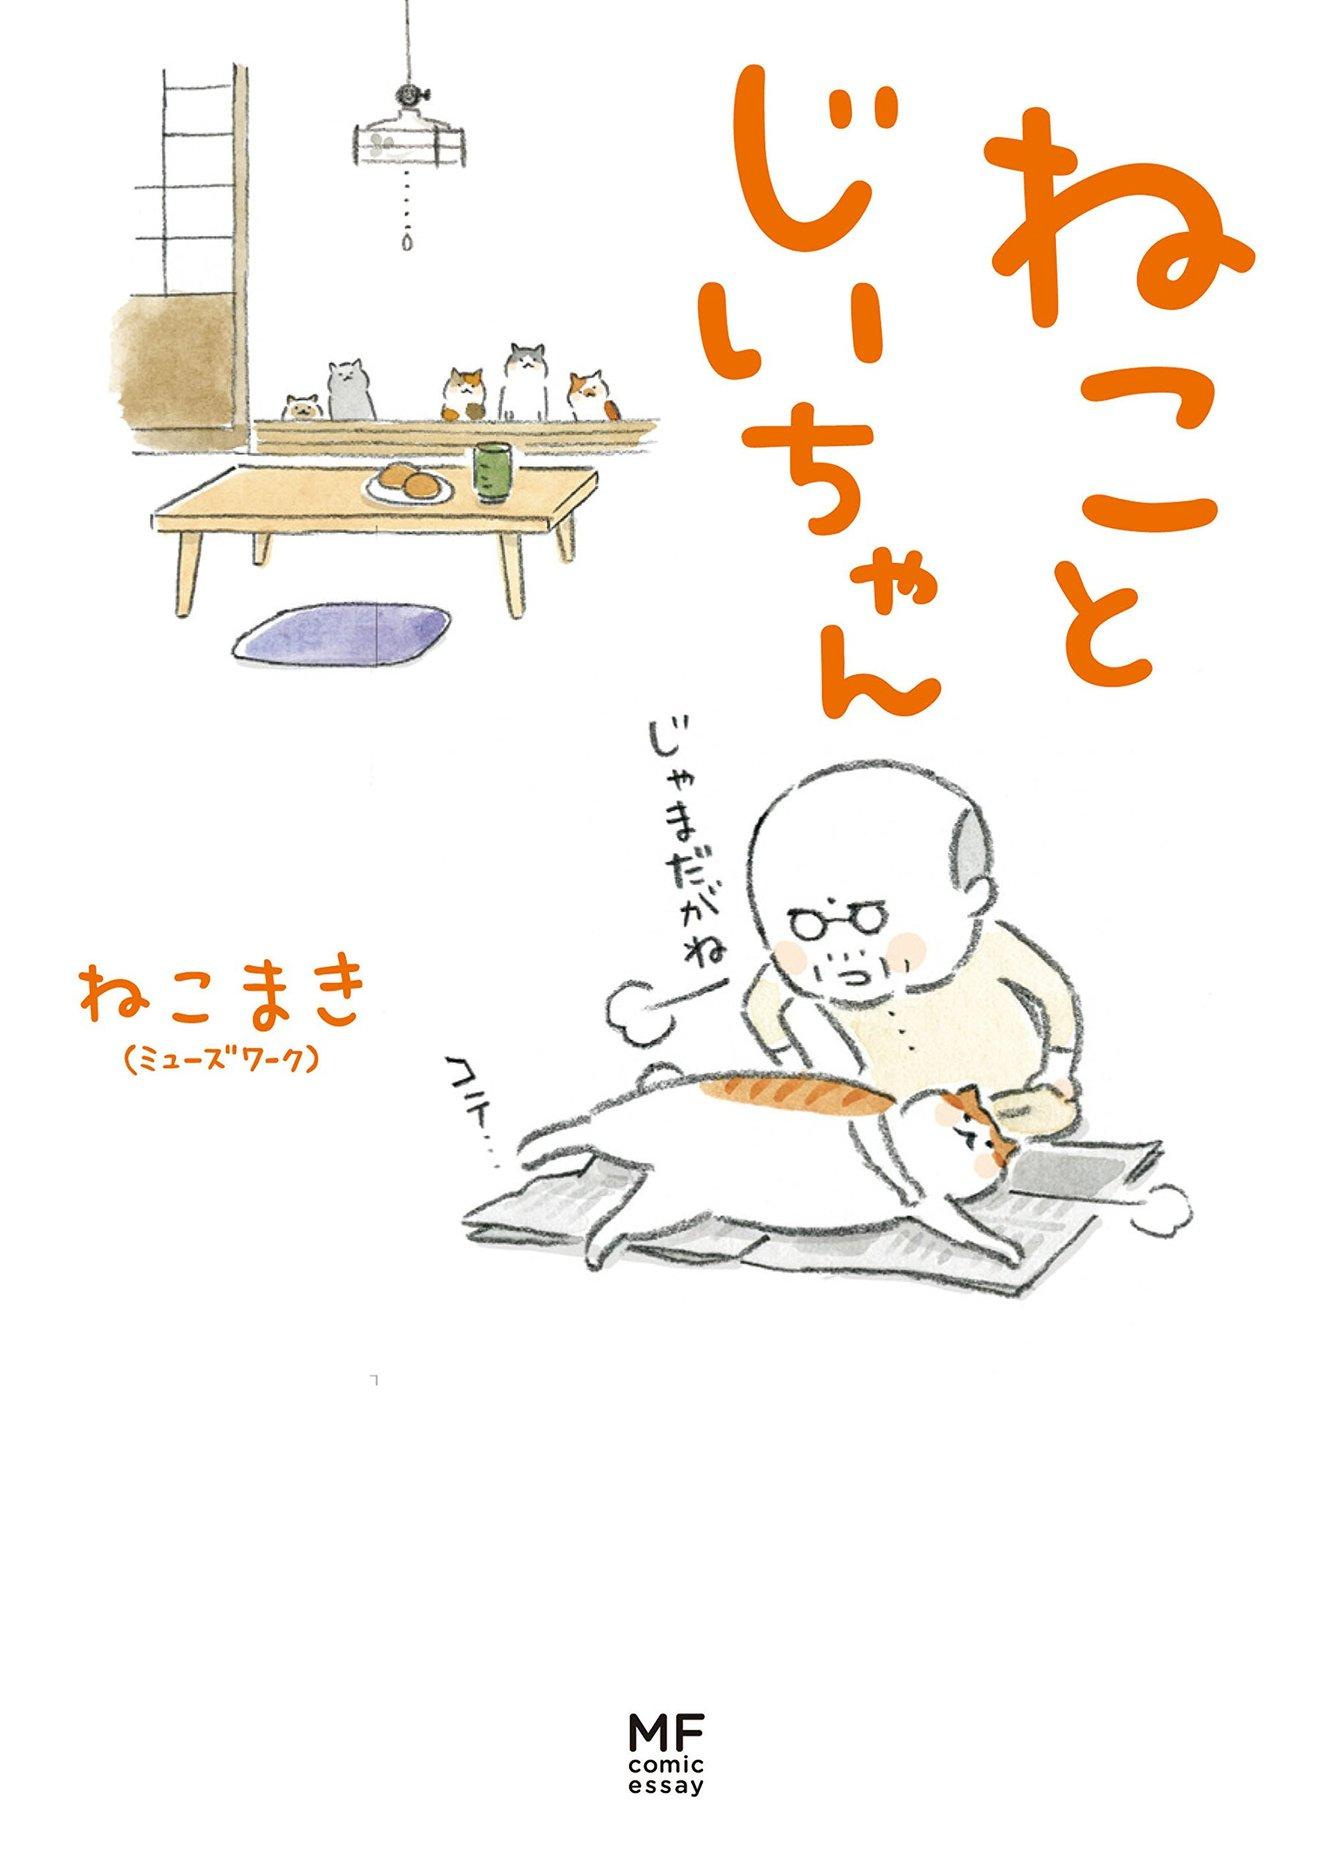 映画化原作『ねことじいちゃん』は究極の癒し猫漫画!4巻までネタバレ紹介!